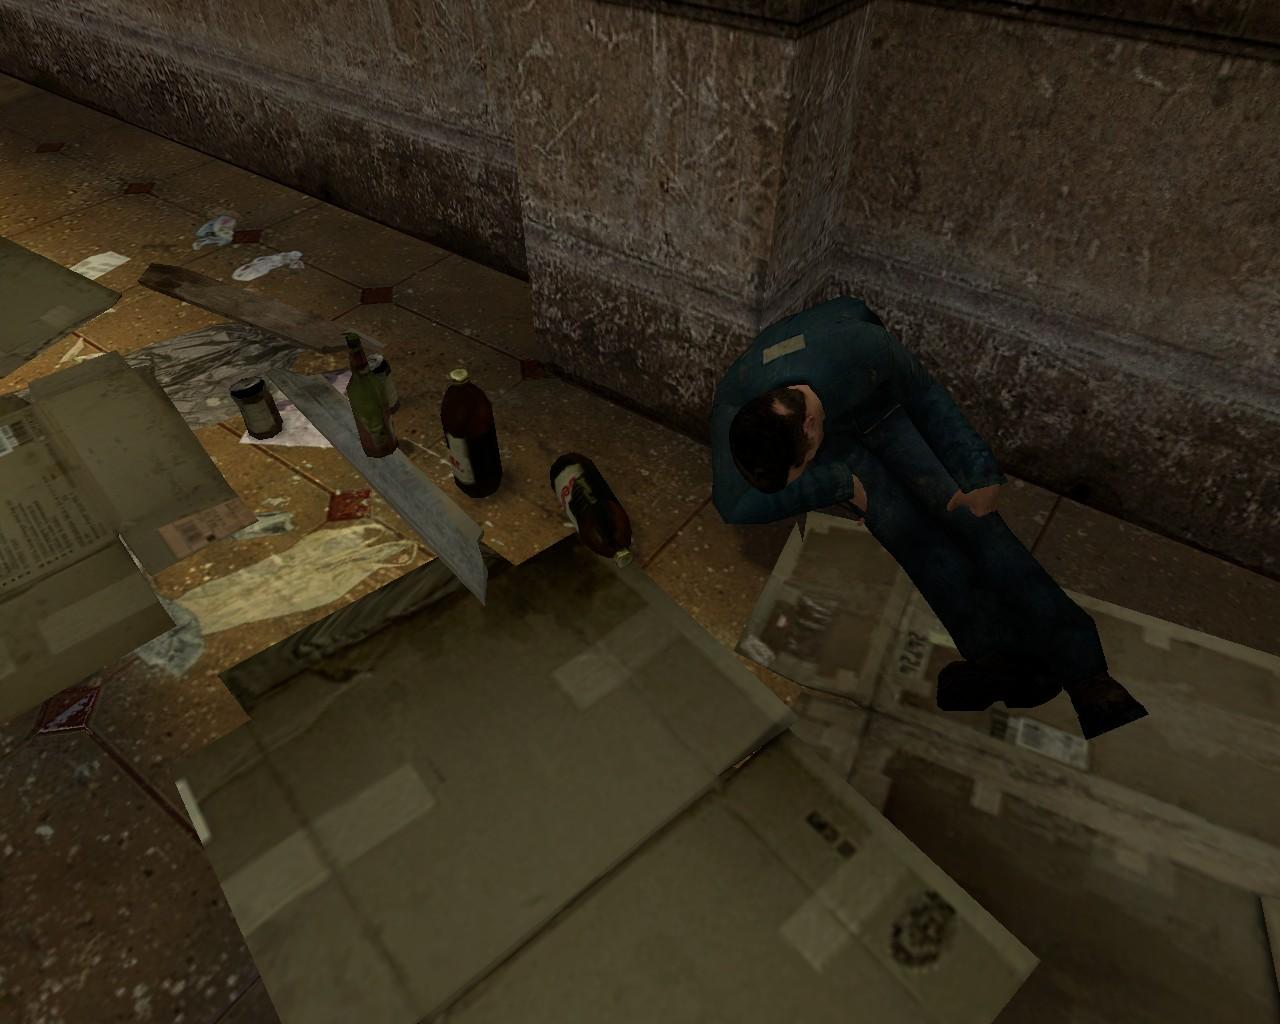 d1_trainstation_010003.jpg - Half-Life 2